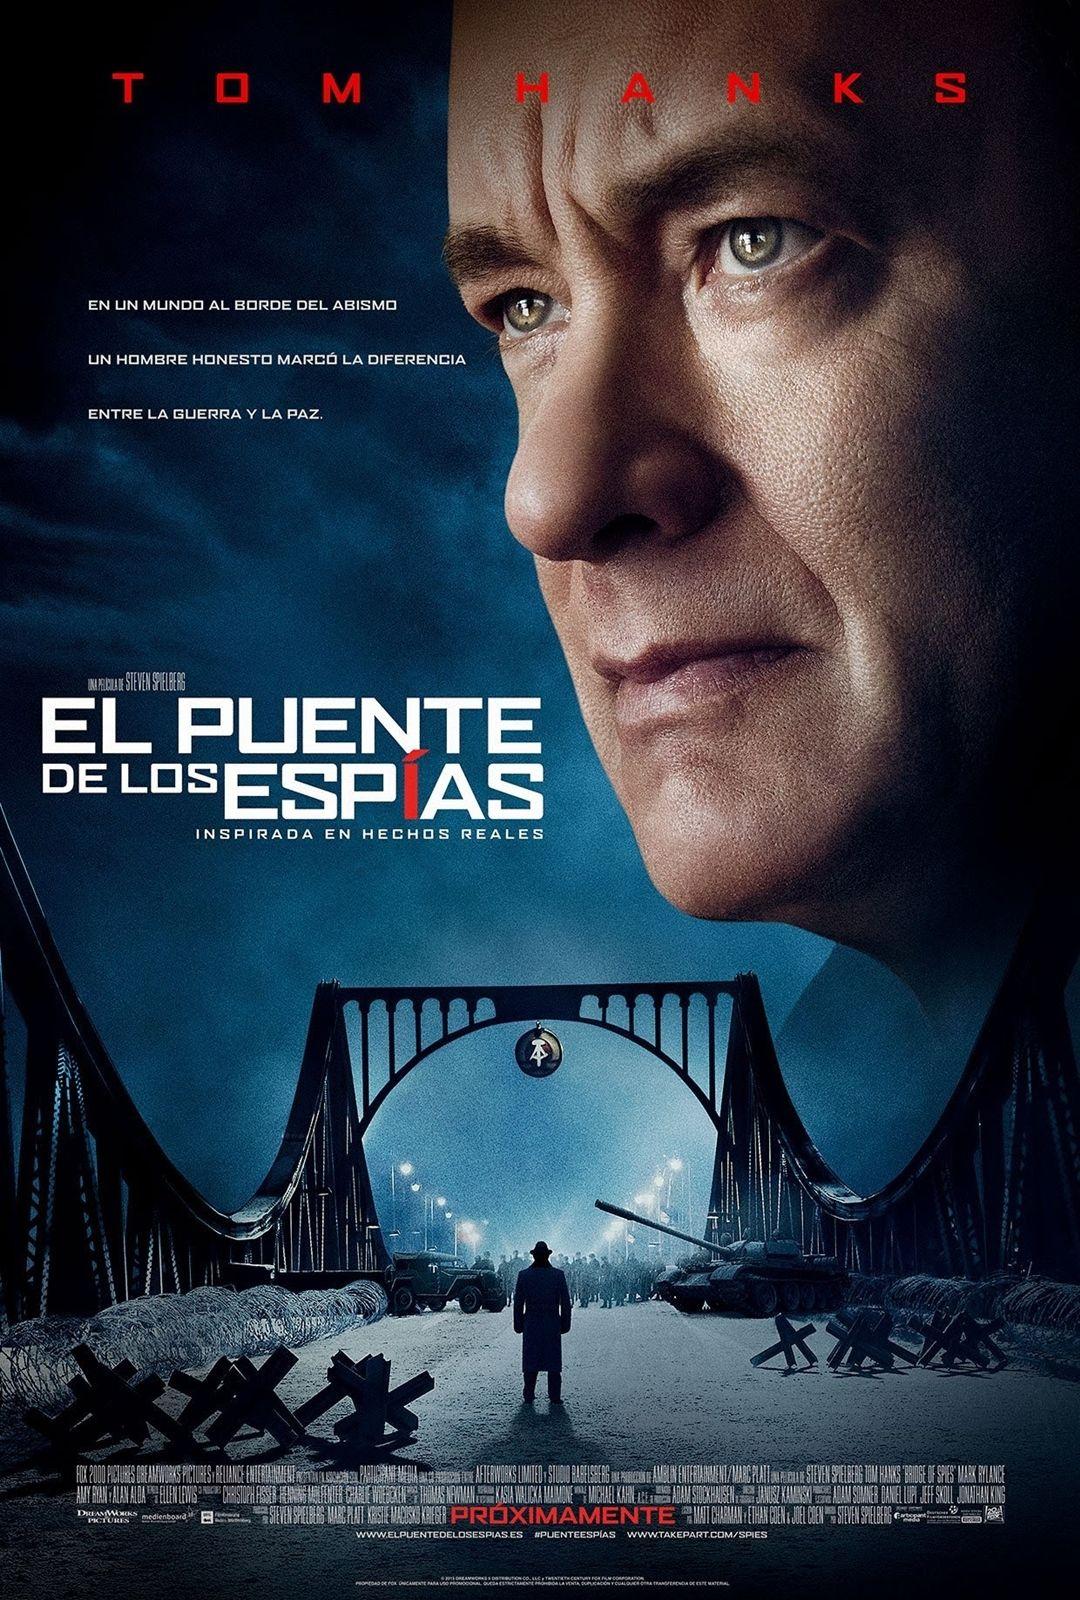 El Puente De Los Espías Diciembre15 Spielberg Tom Hanks Movies 2015 Movies